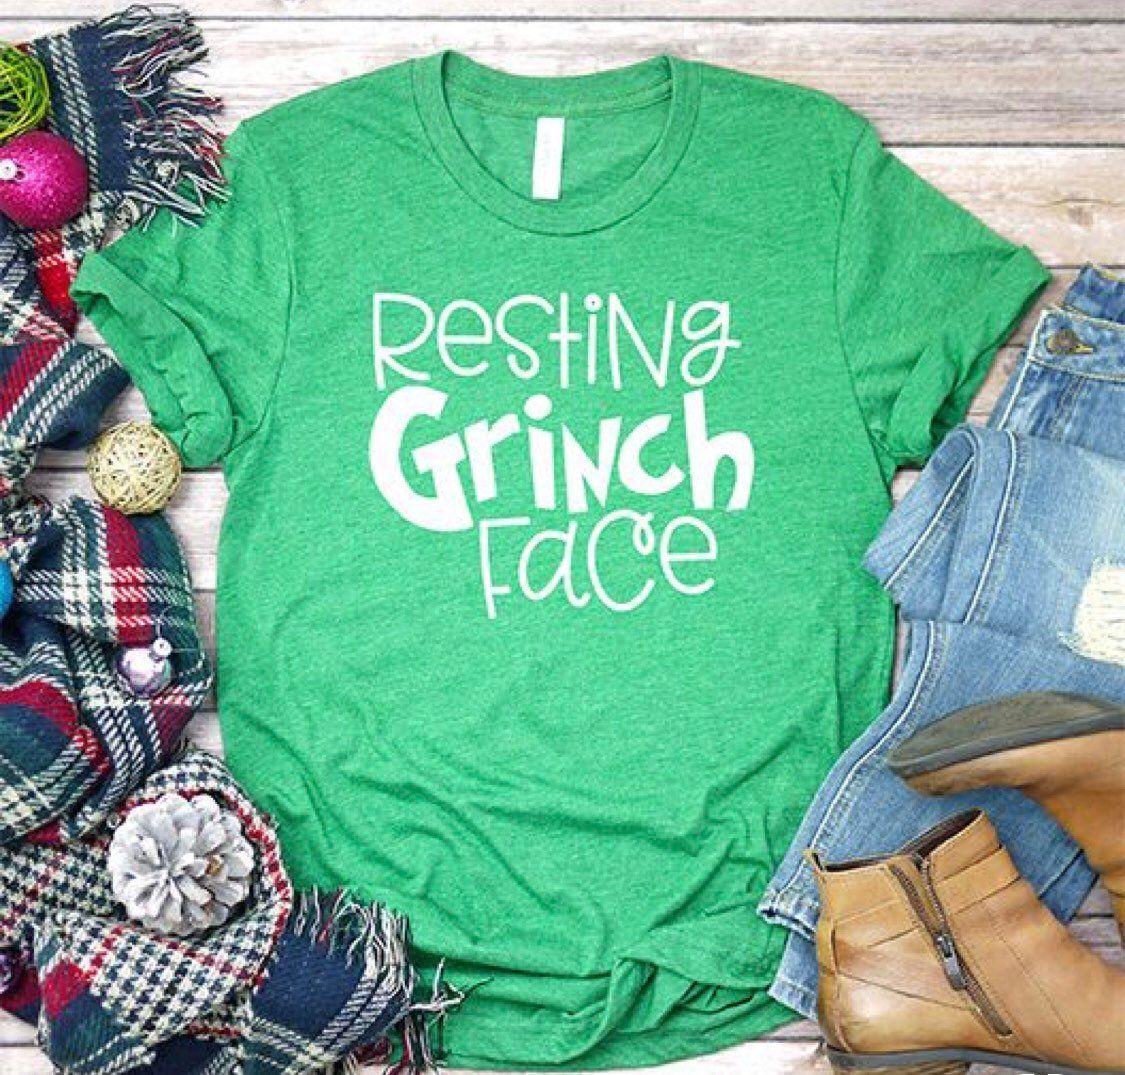 Resting Grinch Face Tee by HookDesignandSinker on Etsy